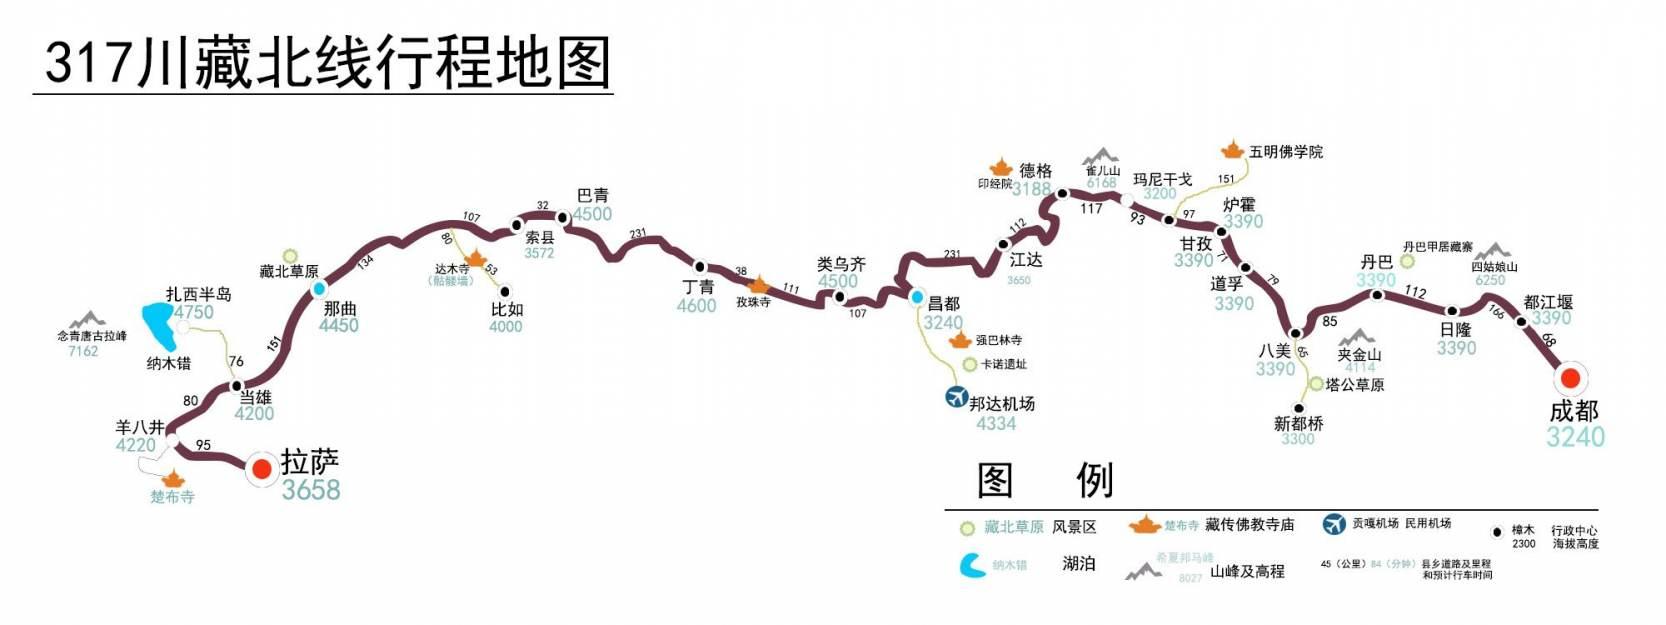 317川藏北线地图